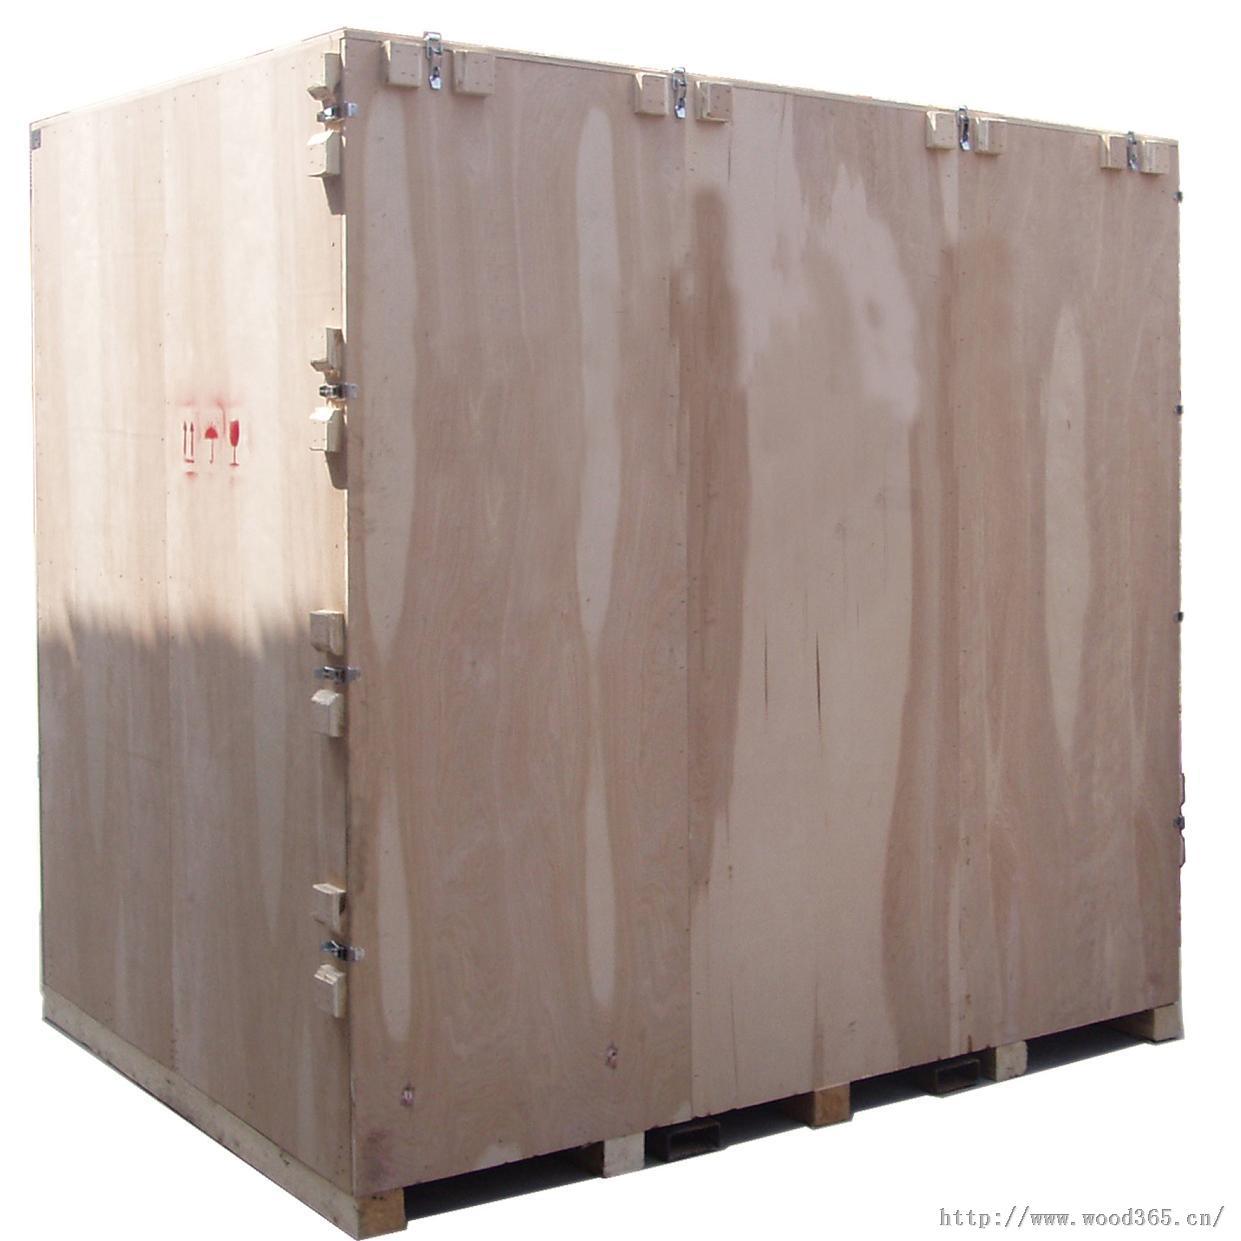 上海出口木箱展会木箱